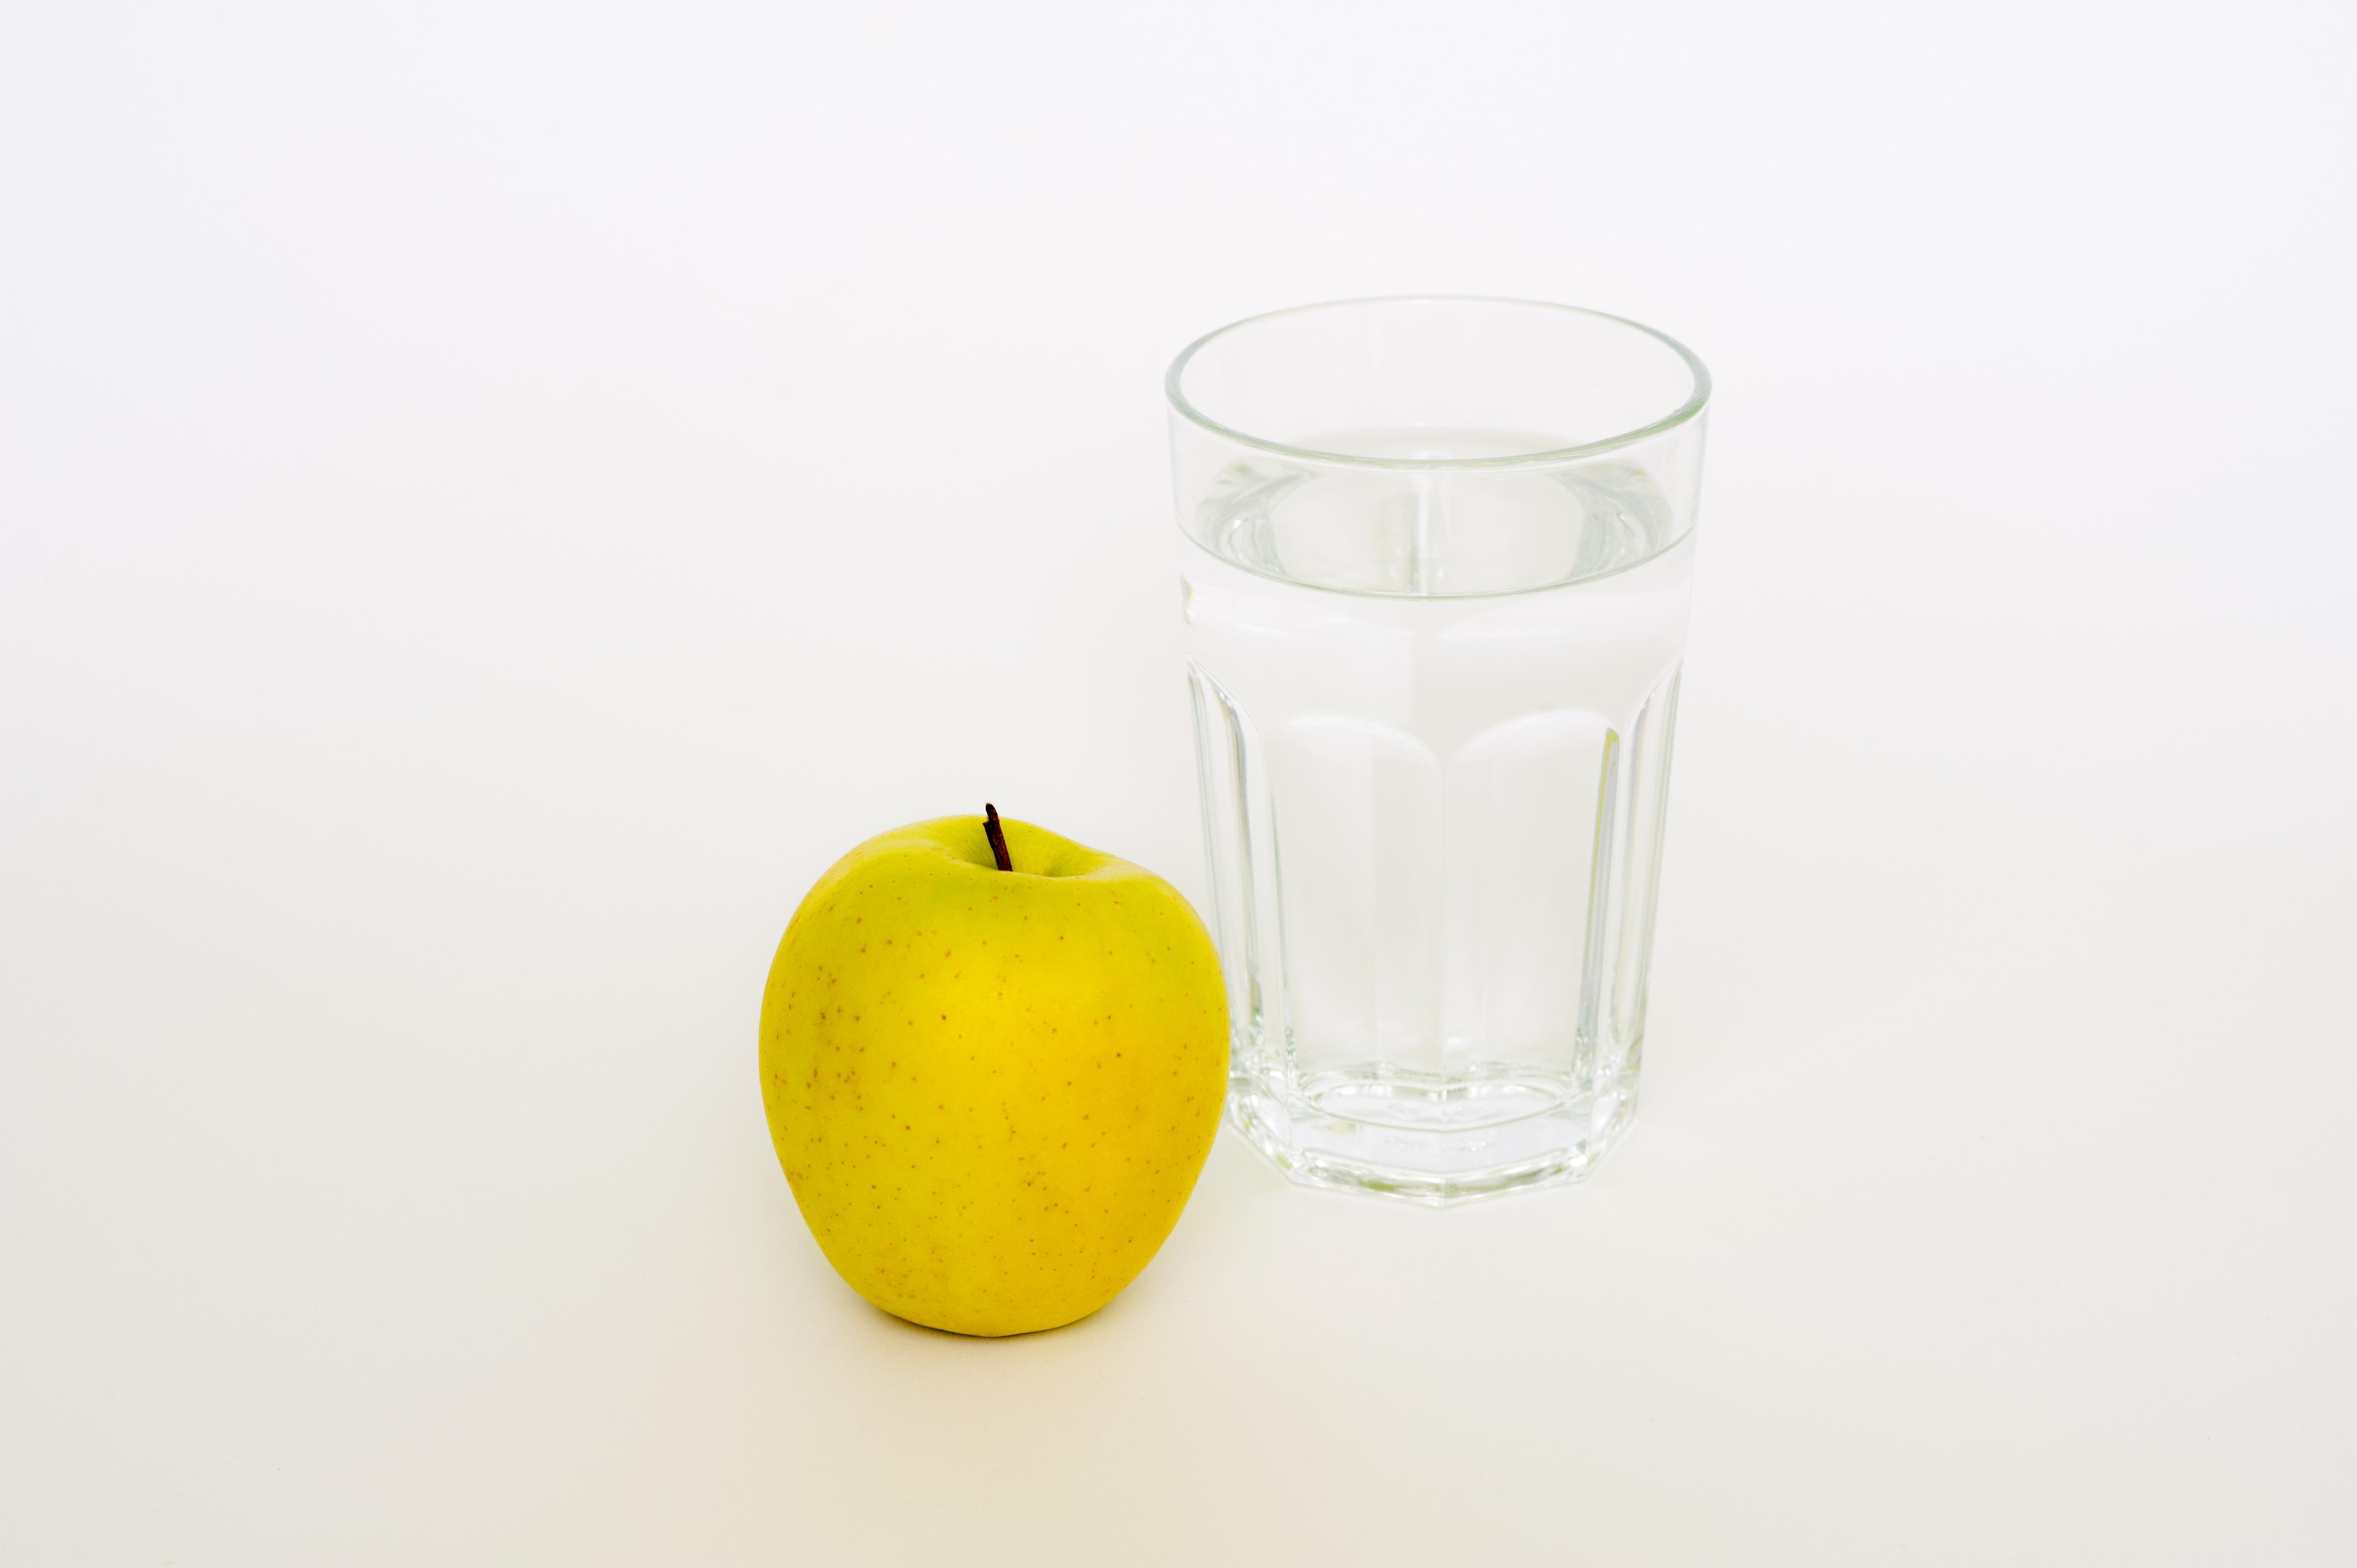 Kostenlose foto : Apfel, Wasser, Weiß, Frucht, Glas, Lebensmittel ...